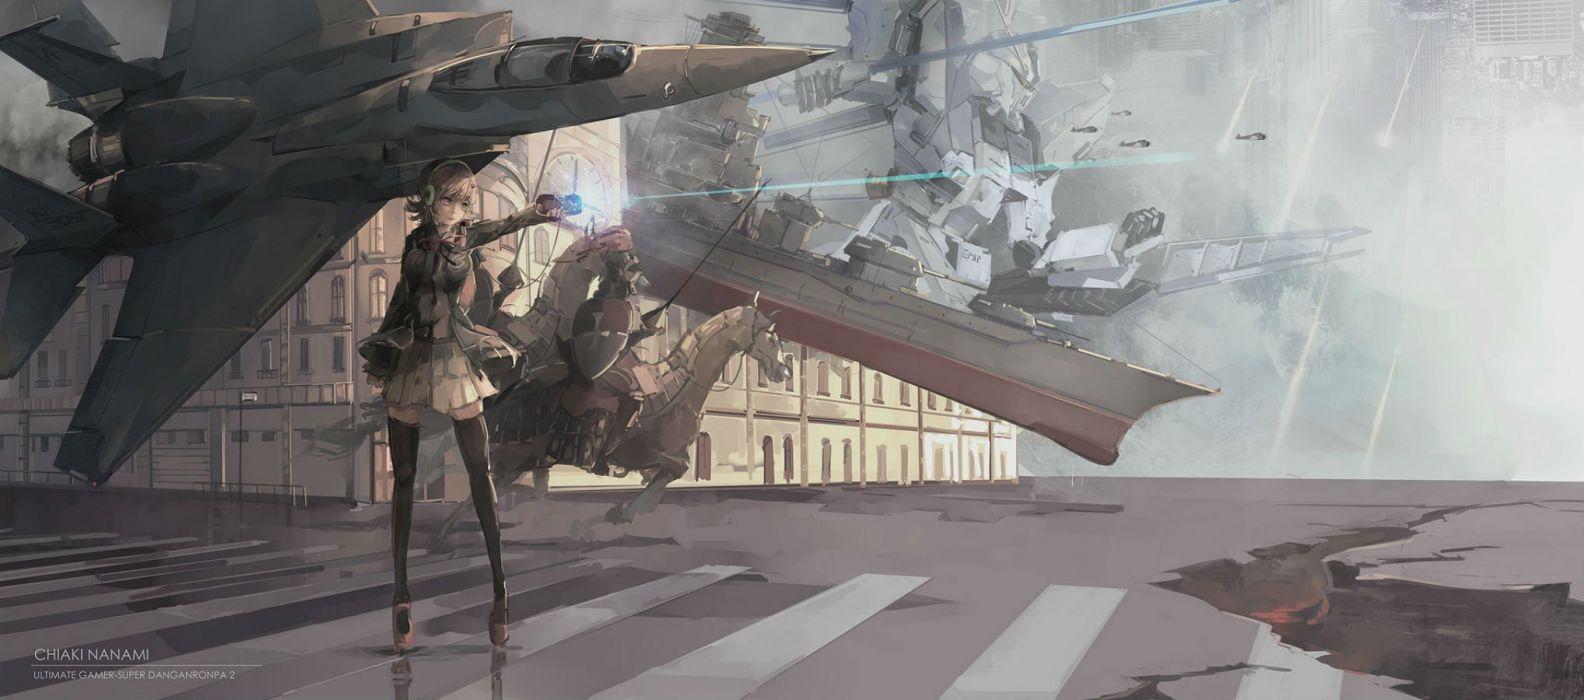 aircraft animal armor boat dangan-ronpa 2 horse jpeg artifacts mecha nanami chiaki qianqian tagme weapon wallpaper